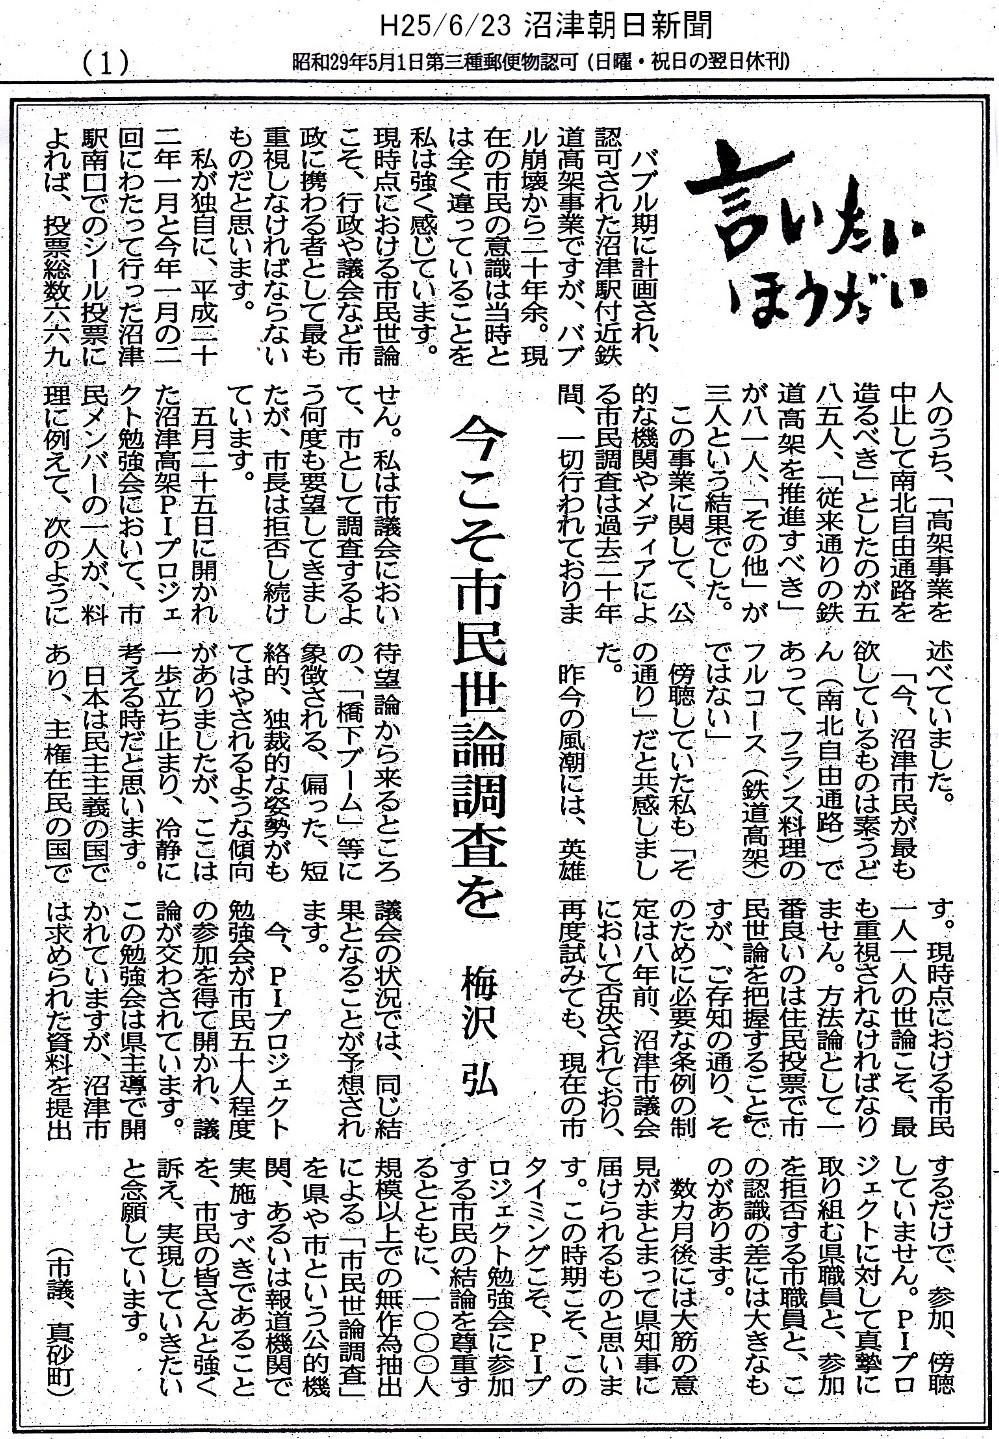 2013_6_23_ 沼津朝日